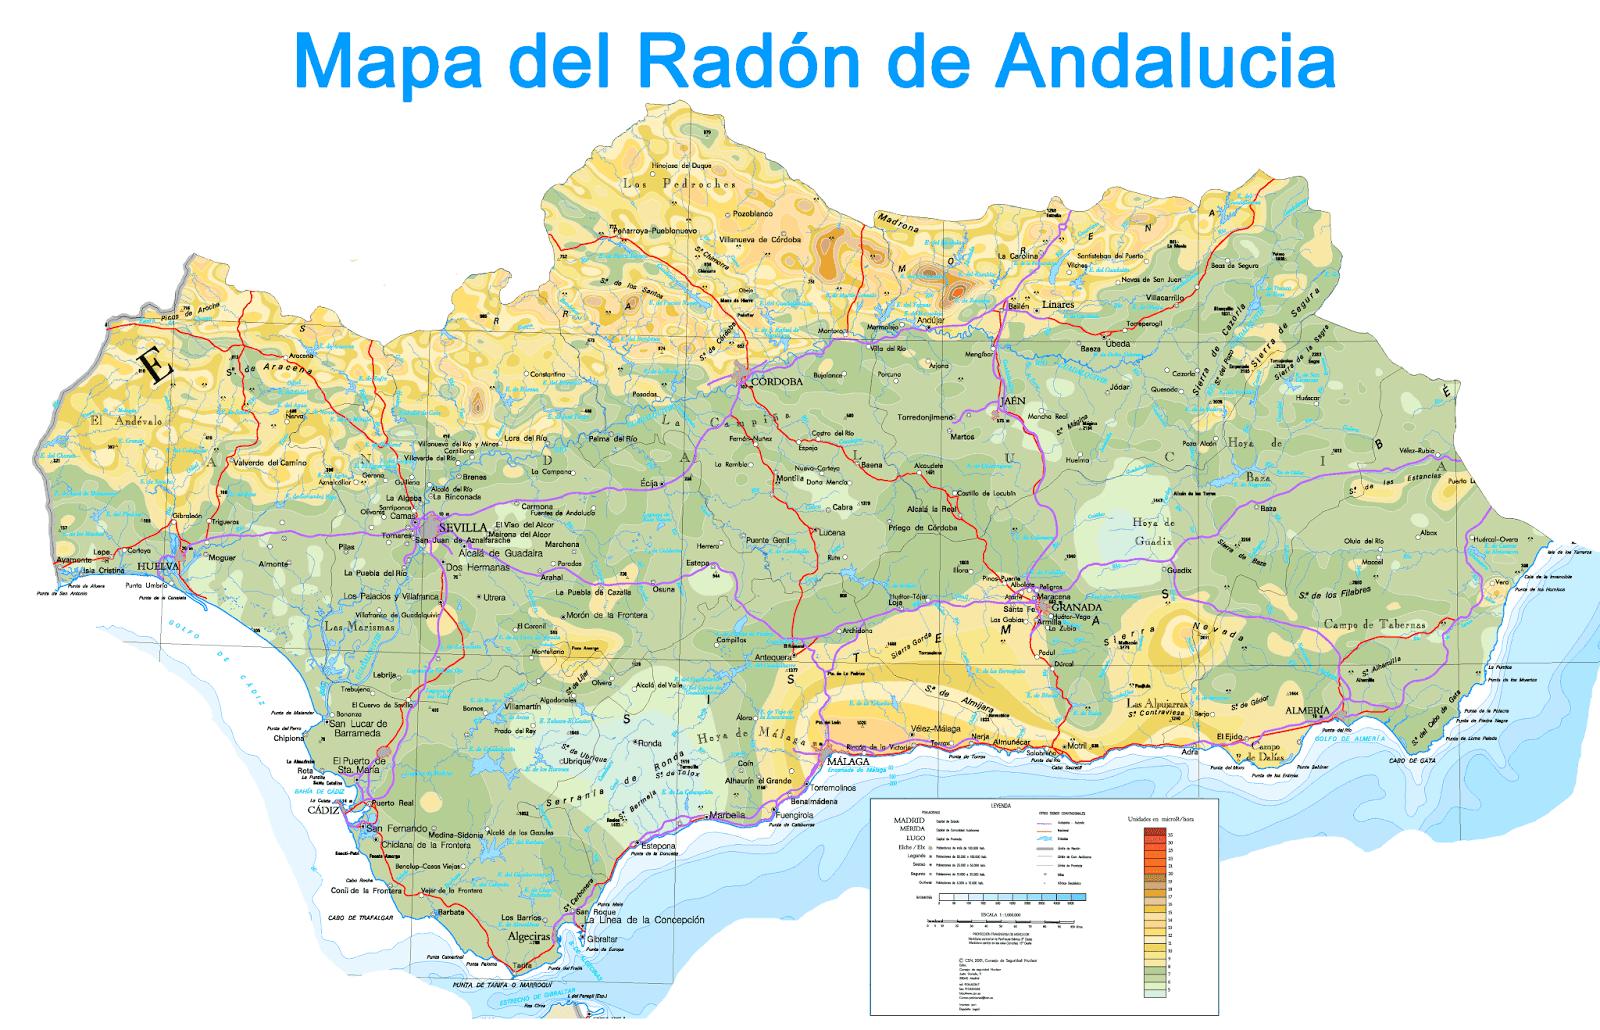 Mapa Del Radon En Espana.Departamento De Edificacion Radon Sin Control En Los Edificios Espanoles Parte Ii